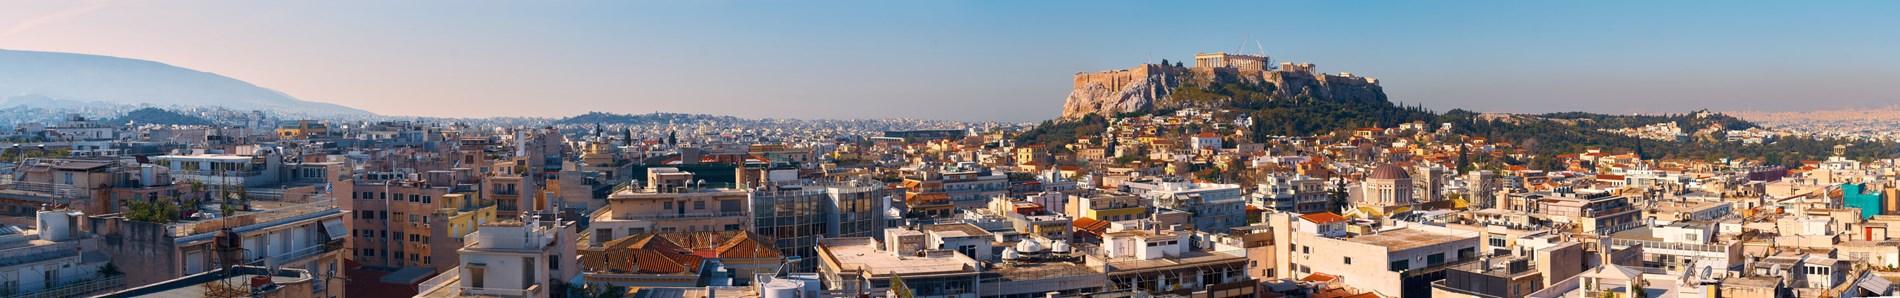 אתונה, יוון